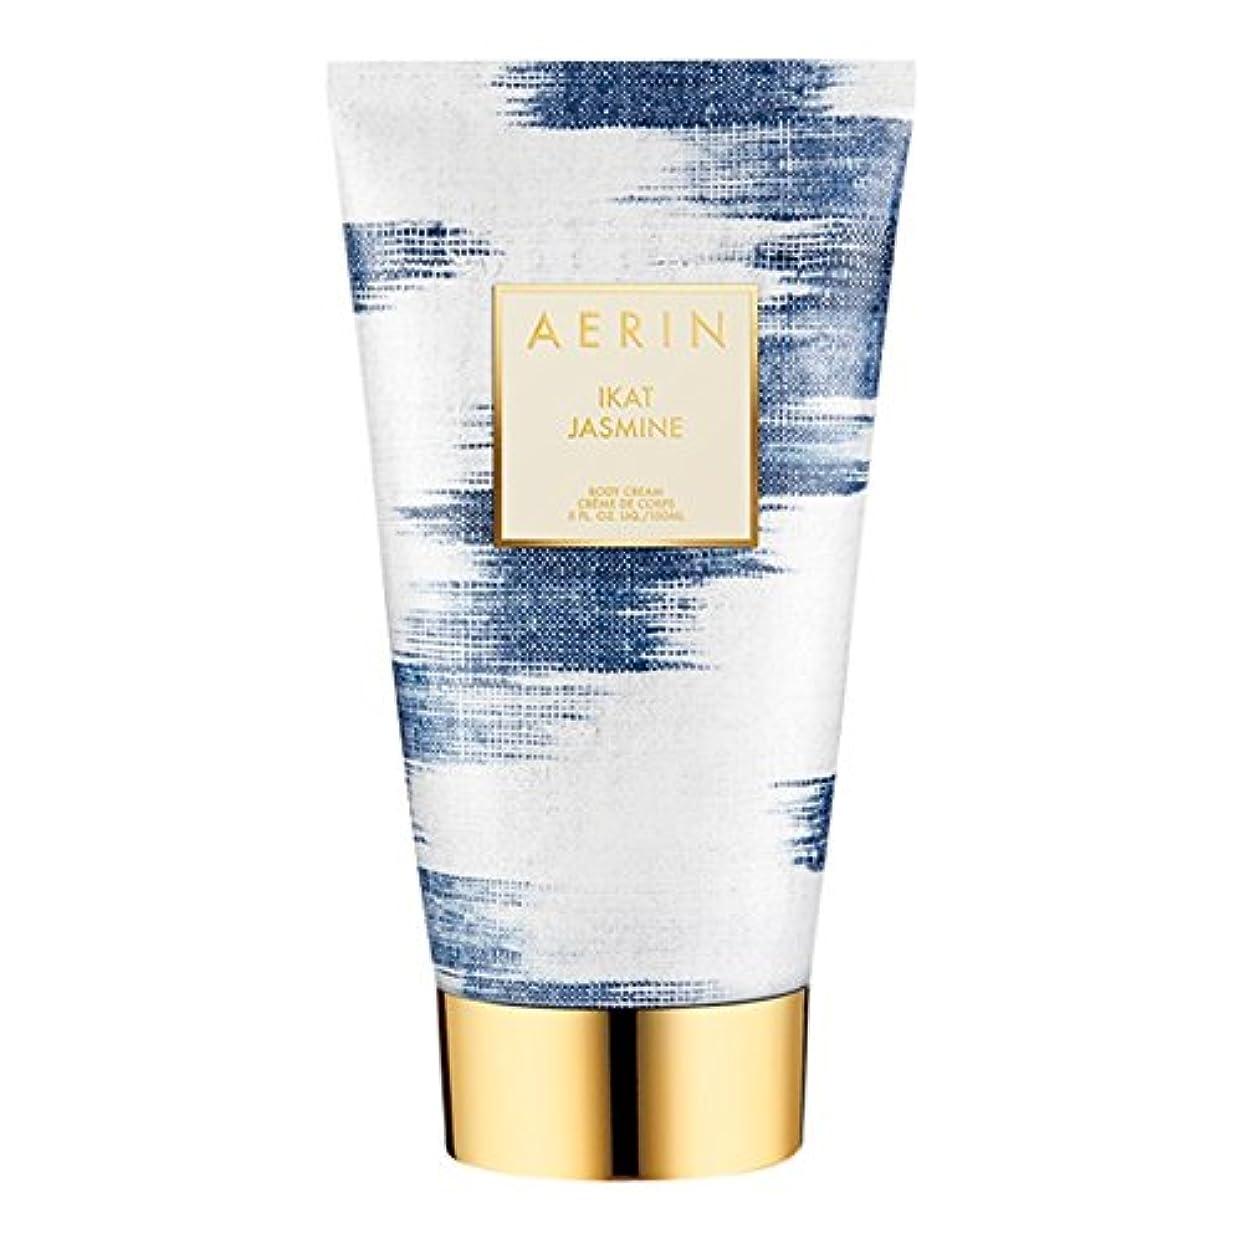 俳句ゴミ箱溶けるAerinイカットジャスミンボディクリーム150ミリリットル (AERIN) - AERIN Ikat Jasmine Body Cream 150ml [並行輸入品]